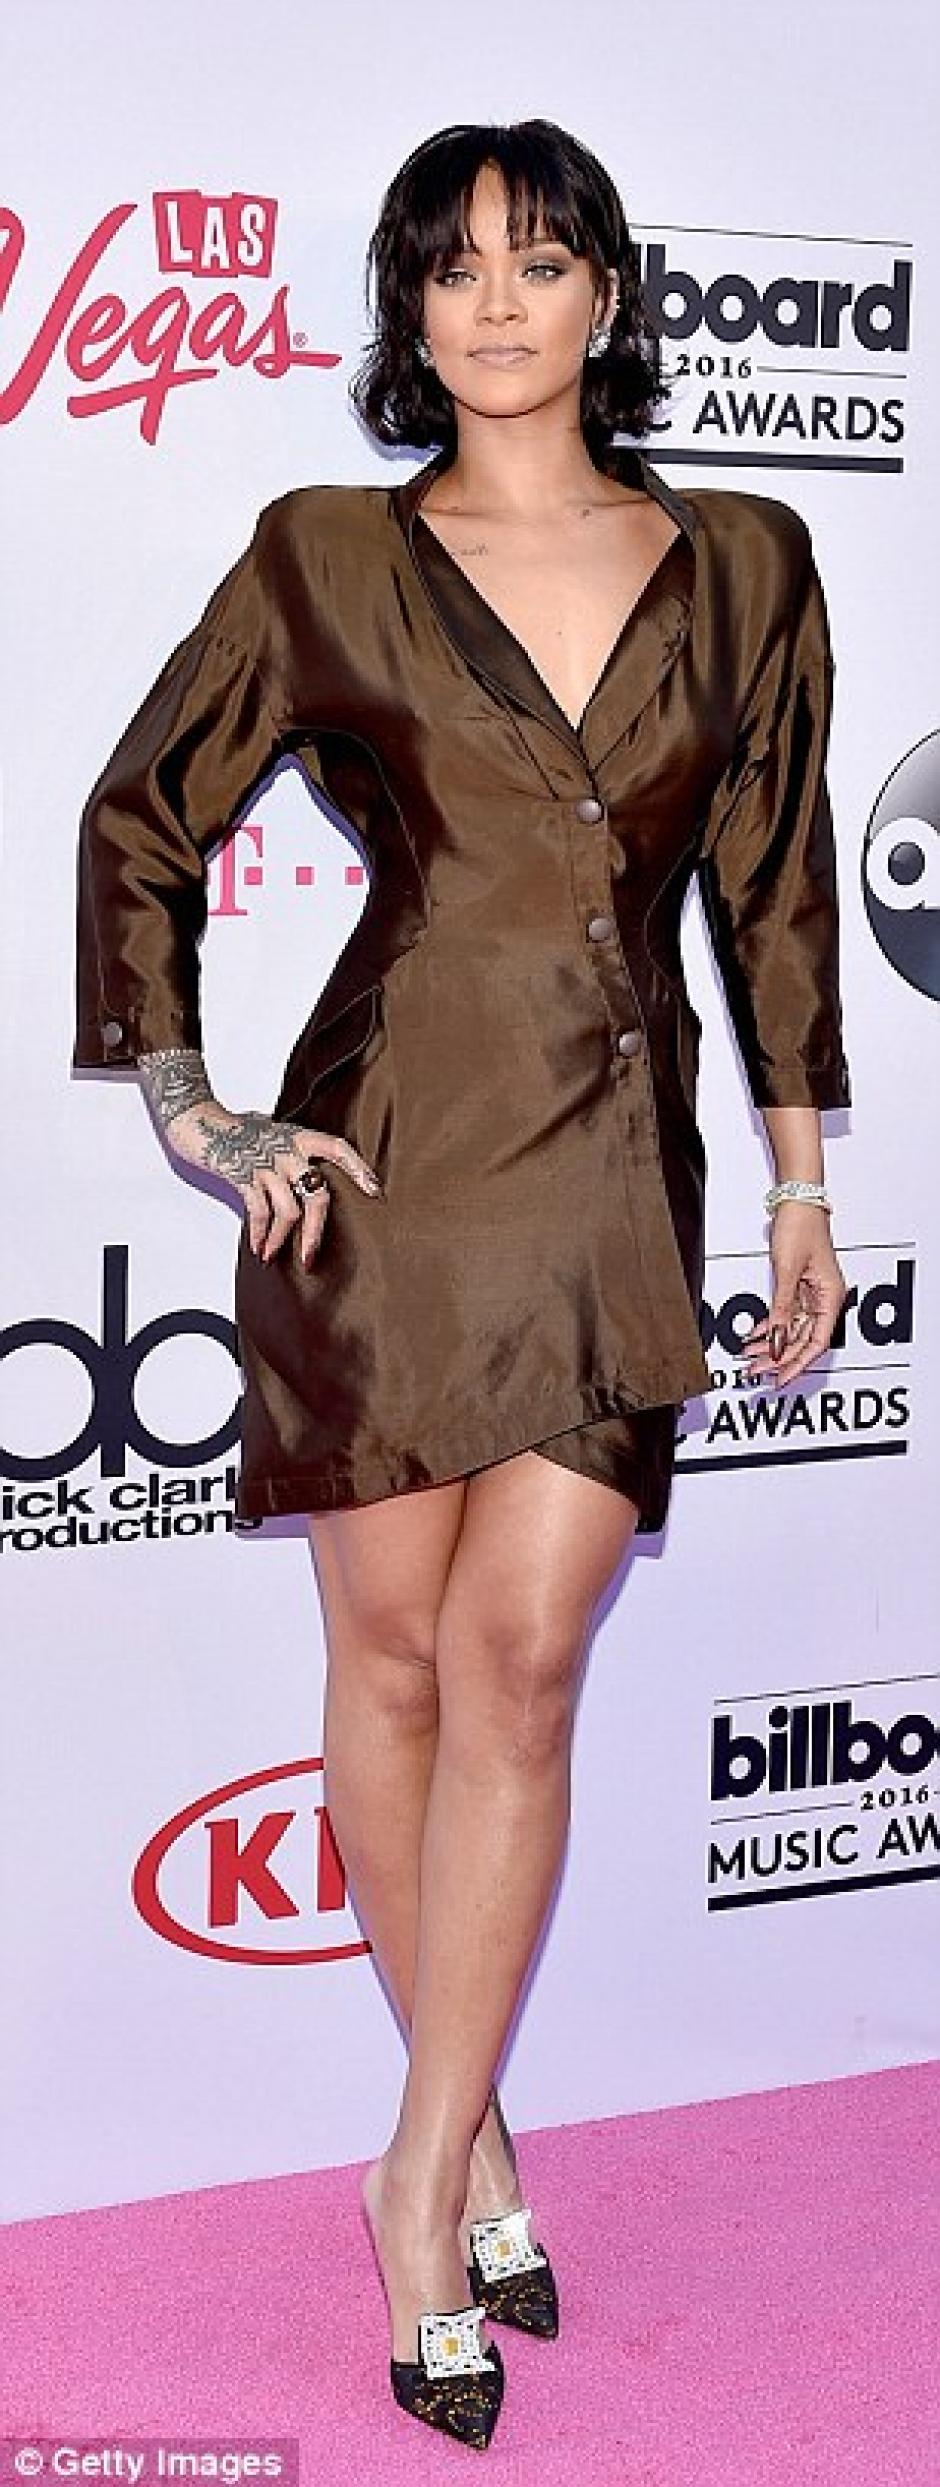 A muchos no les gustó este vestido ochentero de Rihanna en la alfombra. (Foto: Getty Images)